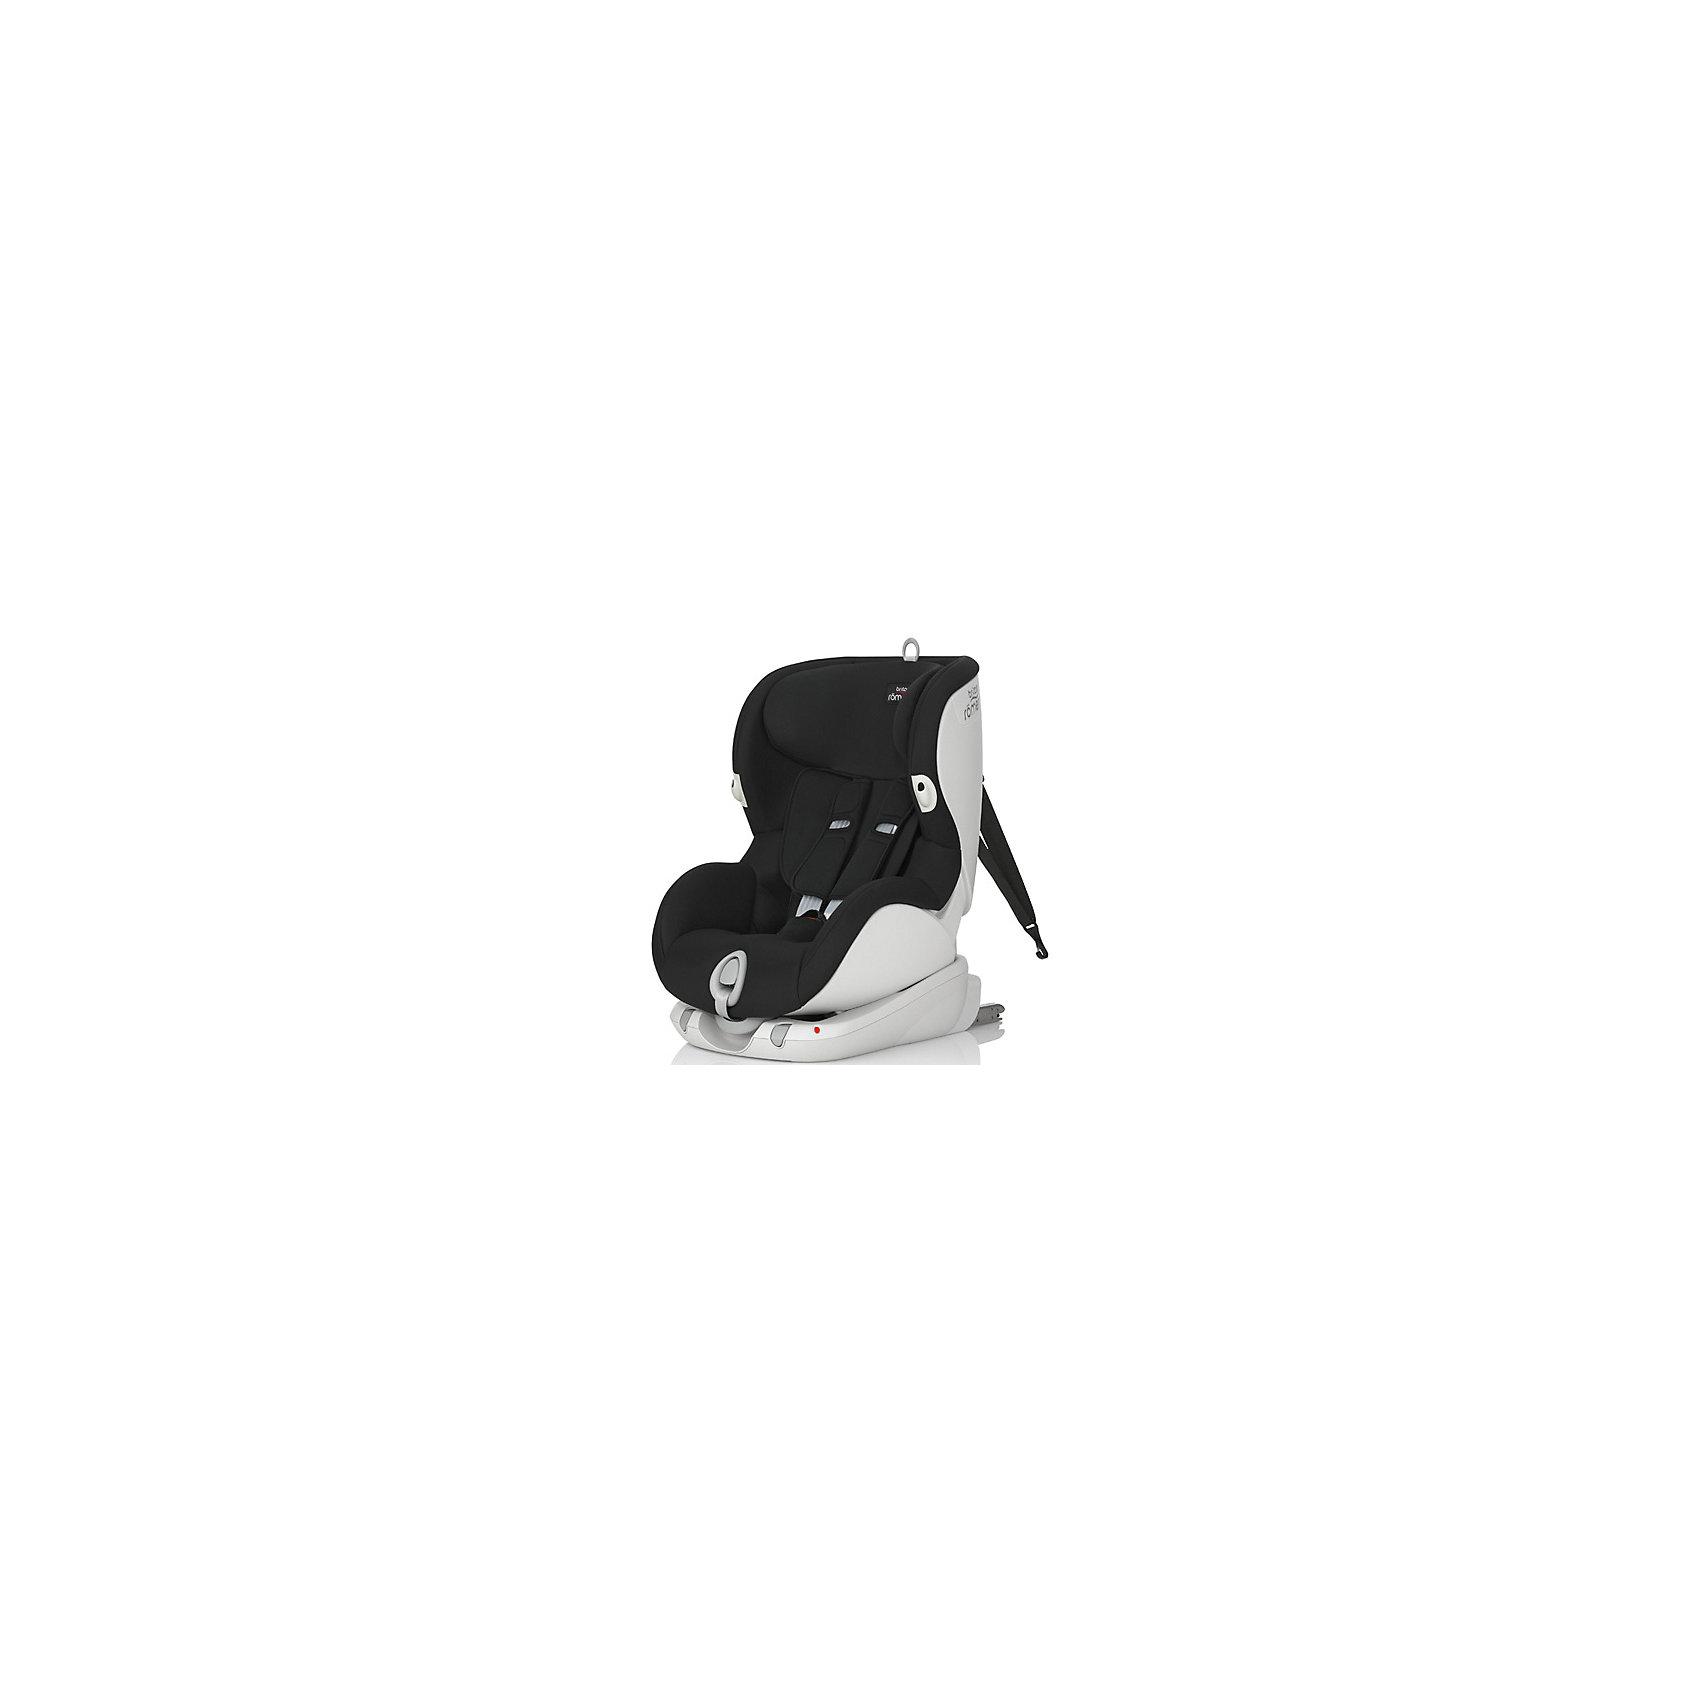 Автокресло Britax Romer TRIFIX, 9-18 кг, Cosmos BlackГруппа 1 (От 9 до 18 кг)<br>Автокресло Trifix, Britax Roemer - комфортная надежная модель, которая сделает поездку Вашего ребенка приятной и безопасной. Сиденье кресла в форме кокона обеспечивает максимальный комфорт и защиту. Широкий подголовник регулируется по высоте в 7 положениях в зависимости от роста ребенка. Угол наклона спинки имеет несколько положений, что позволяет выбрать наиболее удобное для ребенка. Кресло оснащено регулируемыми 5- точечными ремнями безопасности с мягкими плечевыми накладками и централизованной регулировкой натяжения. Глубокие боковины с мягкими вставками и система подушек безопасности SI-PAD обеспечивают оптимальную защиту при боковых ударах, а Pivot Link - система подвижных креплений Isofix минимизирует движение кресла вперед при лобовом столкновении.<br><br>Автокресло устанавливается лицом по ходу движения только с помощью системы Isofix. Усовершенствованное крепление Isofix+ характеризуется высоким уровнем расположения фиксаторов, что позволяет значительно снизить энергию удара при столкновении. Якорный ремень V-Tether является третьей точкой крепления автокресла и в случае столкновения поглощает силы удара пропорционально силам, возникающим при столкновении. Цветовые индикаторы впереди кресла показывают правильность его установки. Обивка кресла изготовлена из высококачественных материалов, съемные тканевые чехлы можно стирать при температуре 30С. Автокресло имеет стандарт безопасности ECE R 44/04. Рассчитано на детей от 9 мес. до 3-4 лет, весом 9-18 кг.<br><br>Дополнительная информация:<br><br>- Цвет: Cosmos Black. <br>- Материал: текстиль, пластик.<br>- Возраст: 9 мес. - 4 года (9-18 кг.).<br>- Размер (ВхШхД): 64 х 45 х 54 см.<br>- Вес: 10,8 кг.<br><br>Автокресло TRIFIX, 9-18 кг., Britax Roemer, Cosmos Black, можно купить в нашем интернет-магазине.<br><br>Ширина мм: 540<br>Глубина мм: 450<br>Высота мм: 650<br>Вес г: 11800<br>Возраст от месяцев: 9<br>Возраст до месяцев: 48<br>Пол